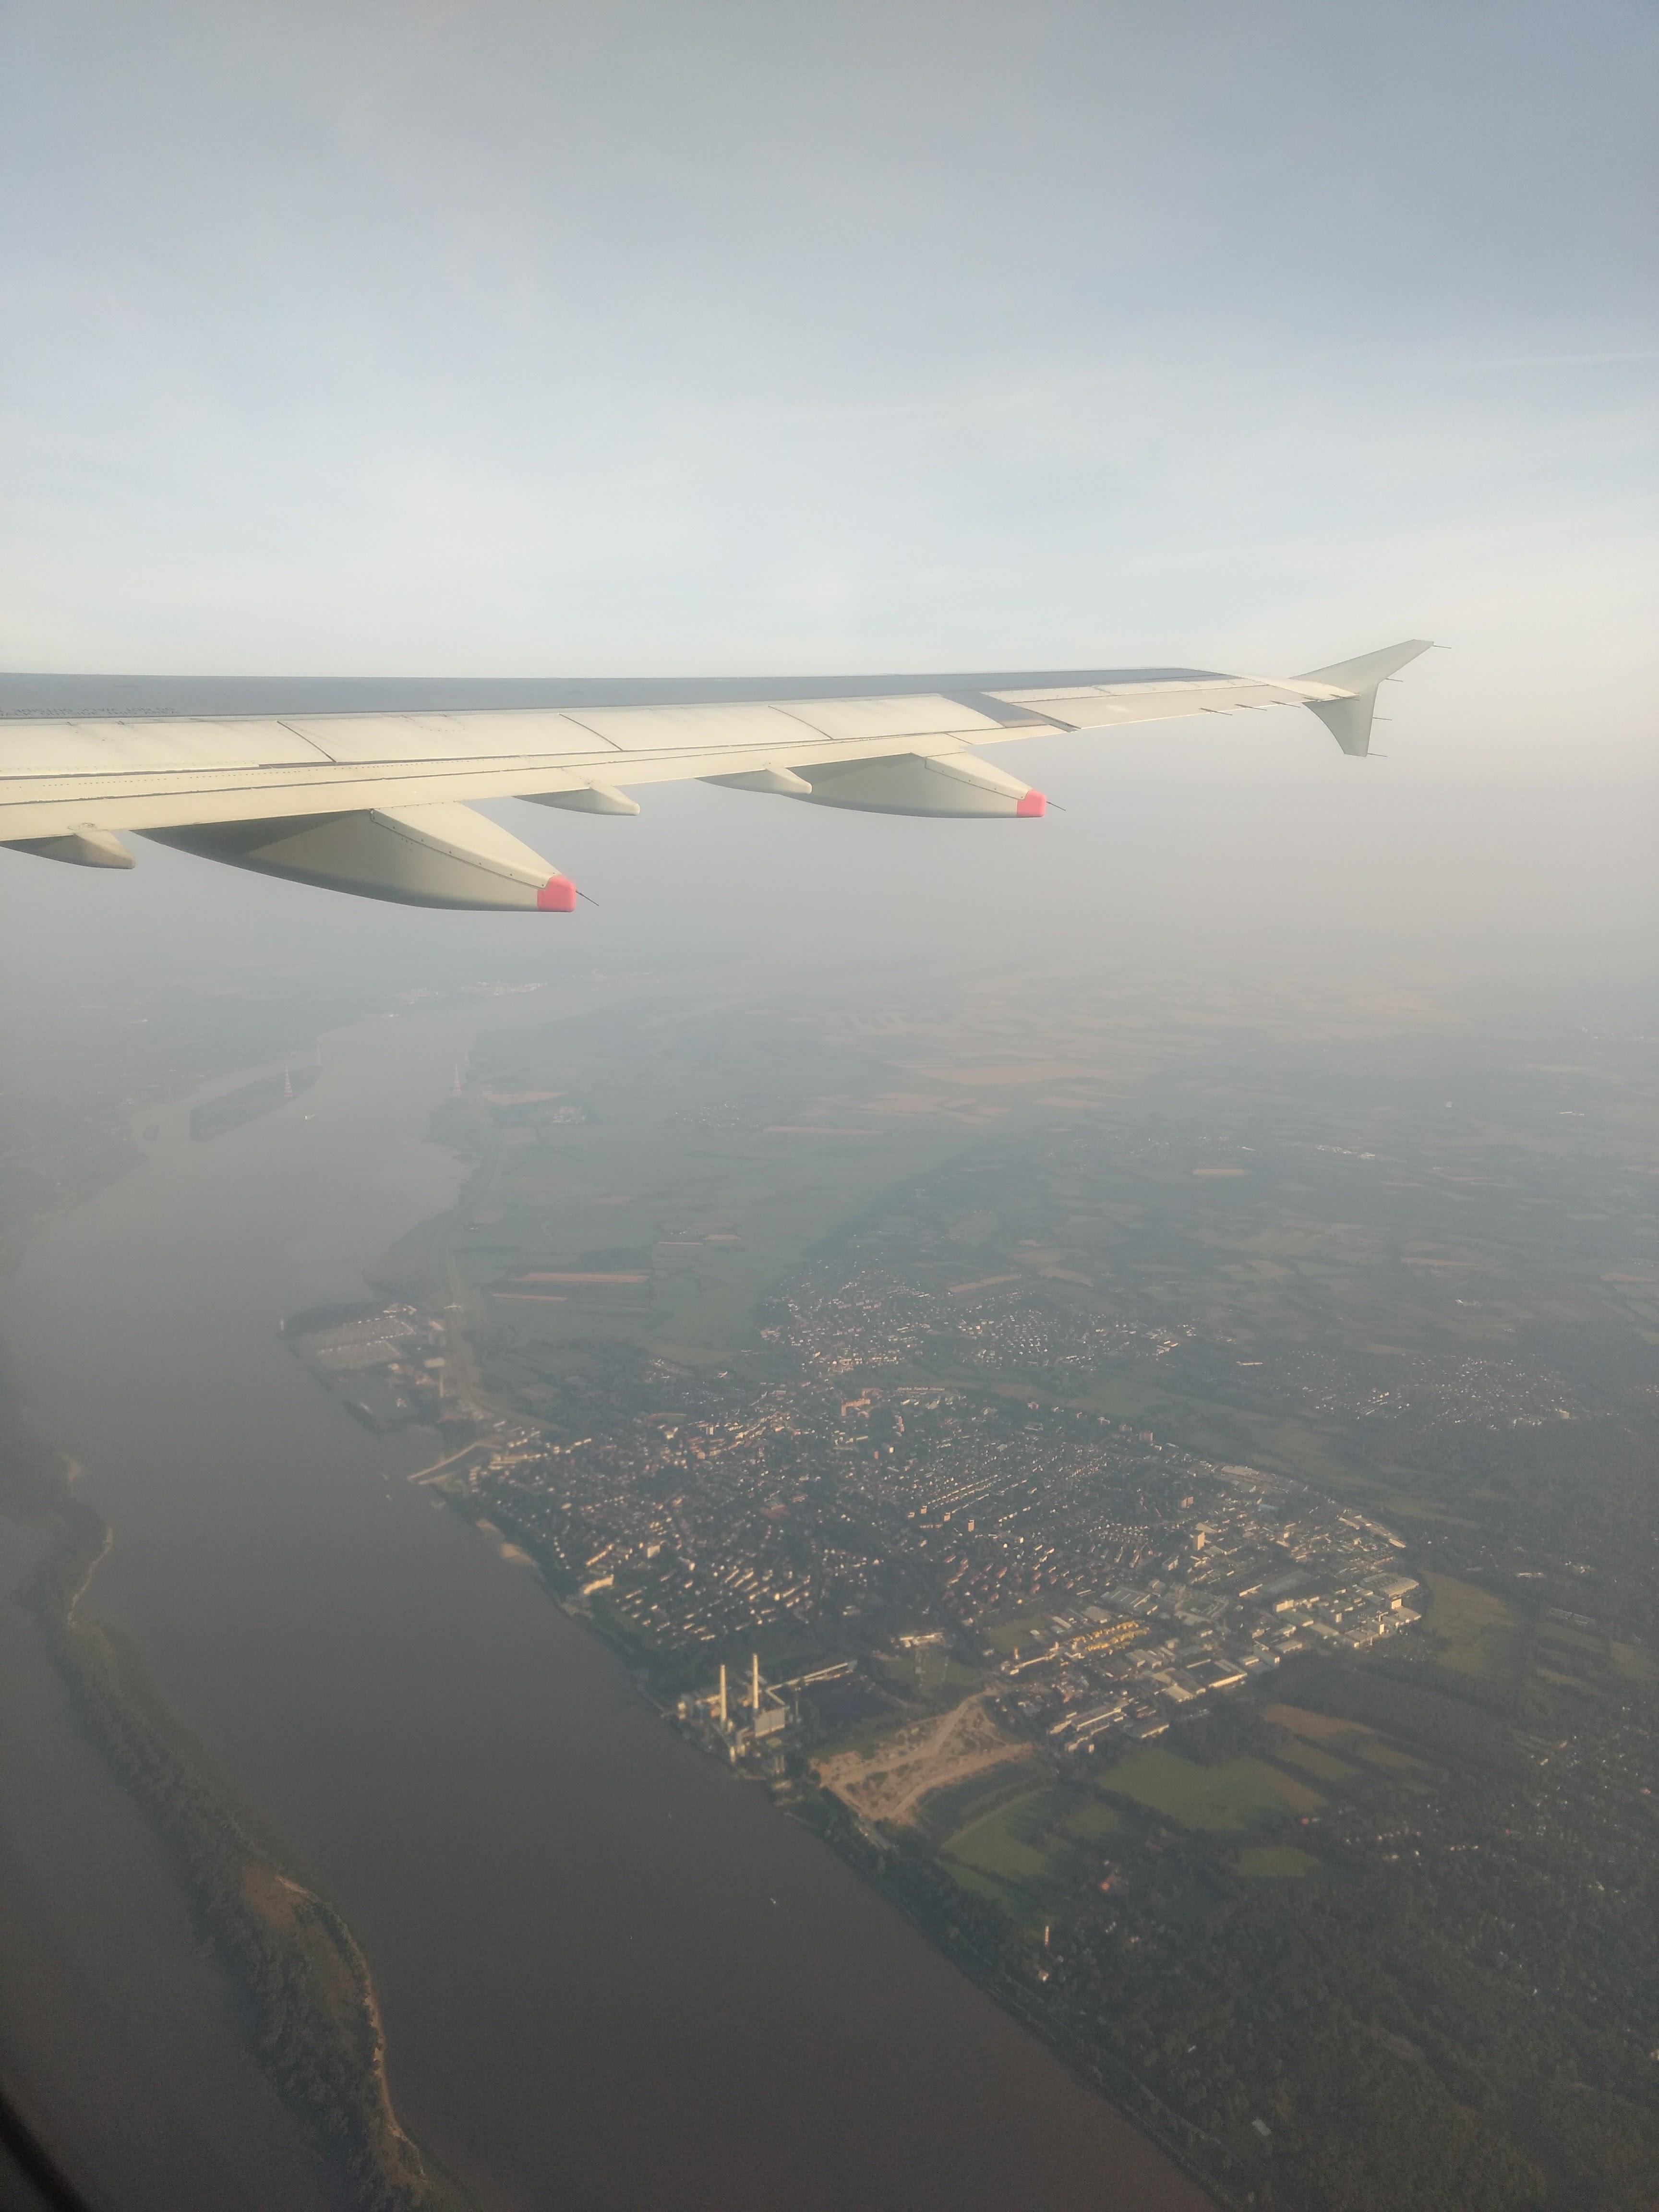 Aus einem Flugzeug wirkt alles sehr klein, geringe Bewölkung vorausgesetzt